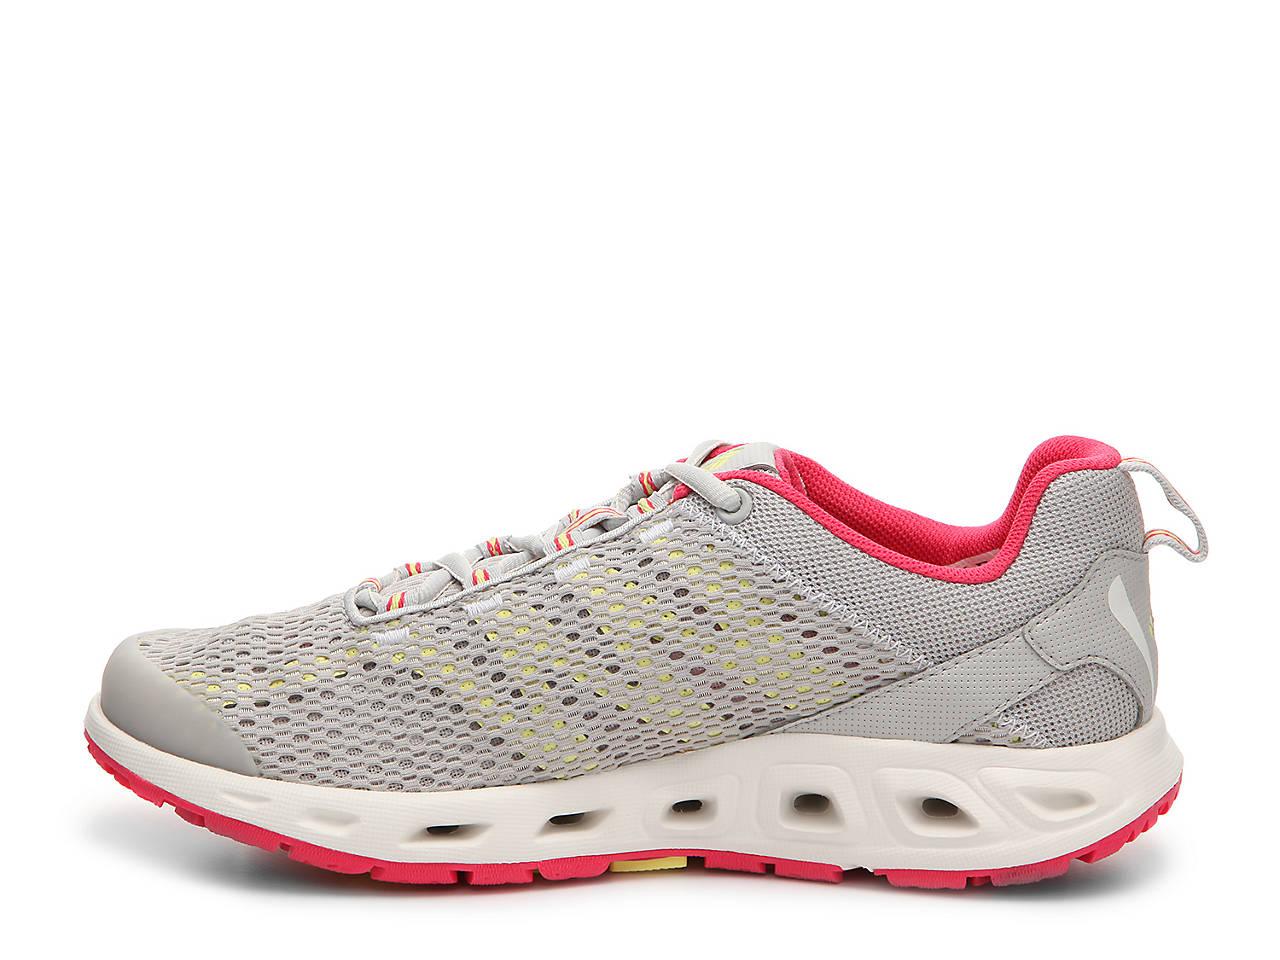 686793abd82 Columbia Drainmaker III Sneaker Women s Shoes